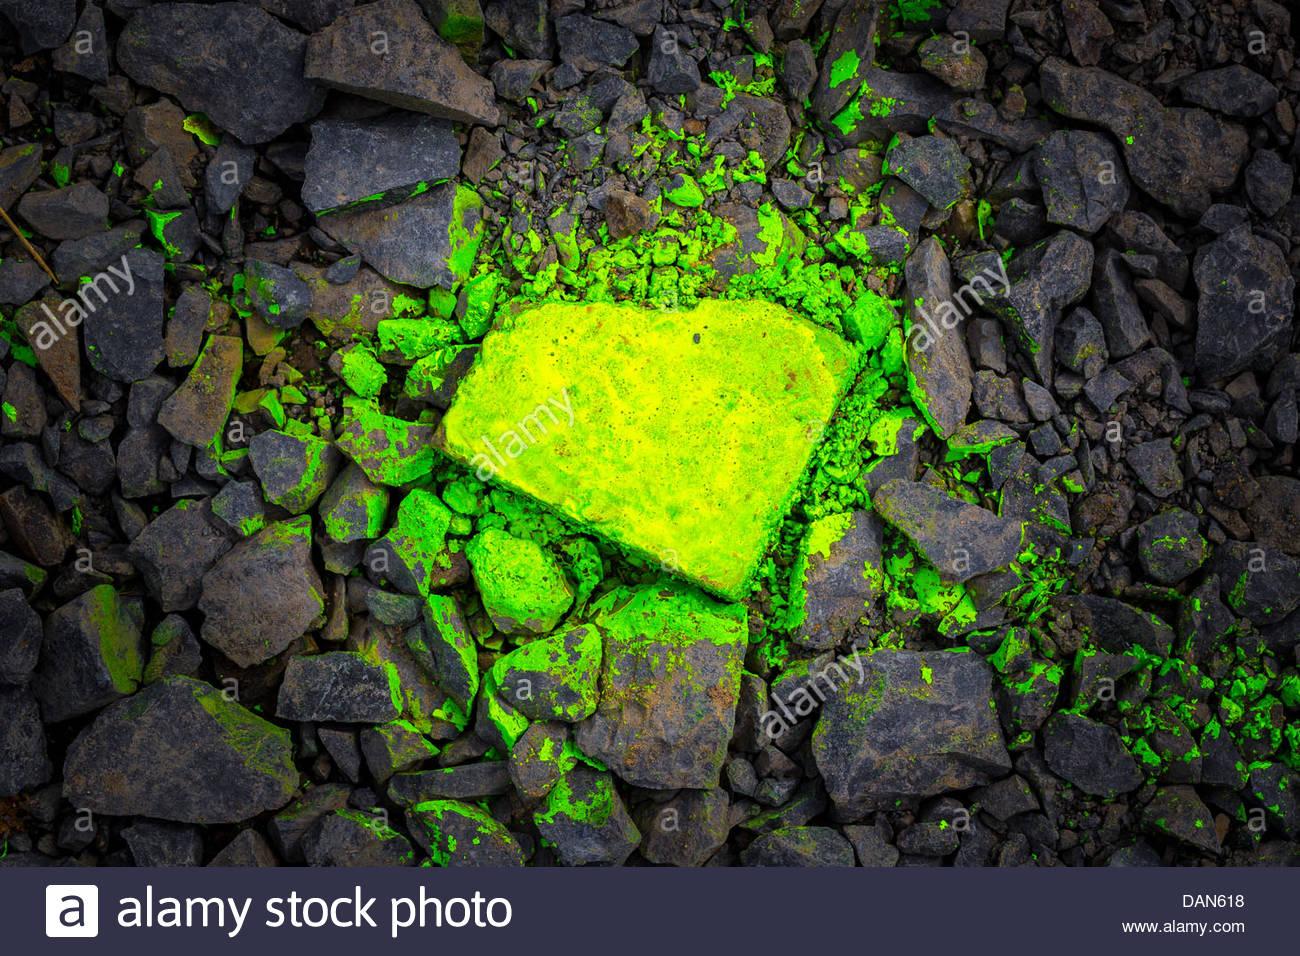 Germania, giallo spruzzato graffiti sulle pietre di basalto Immagini Stock